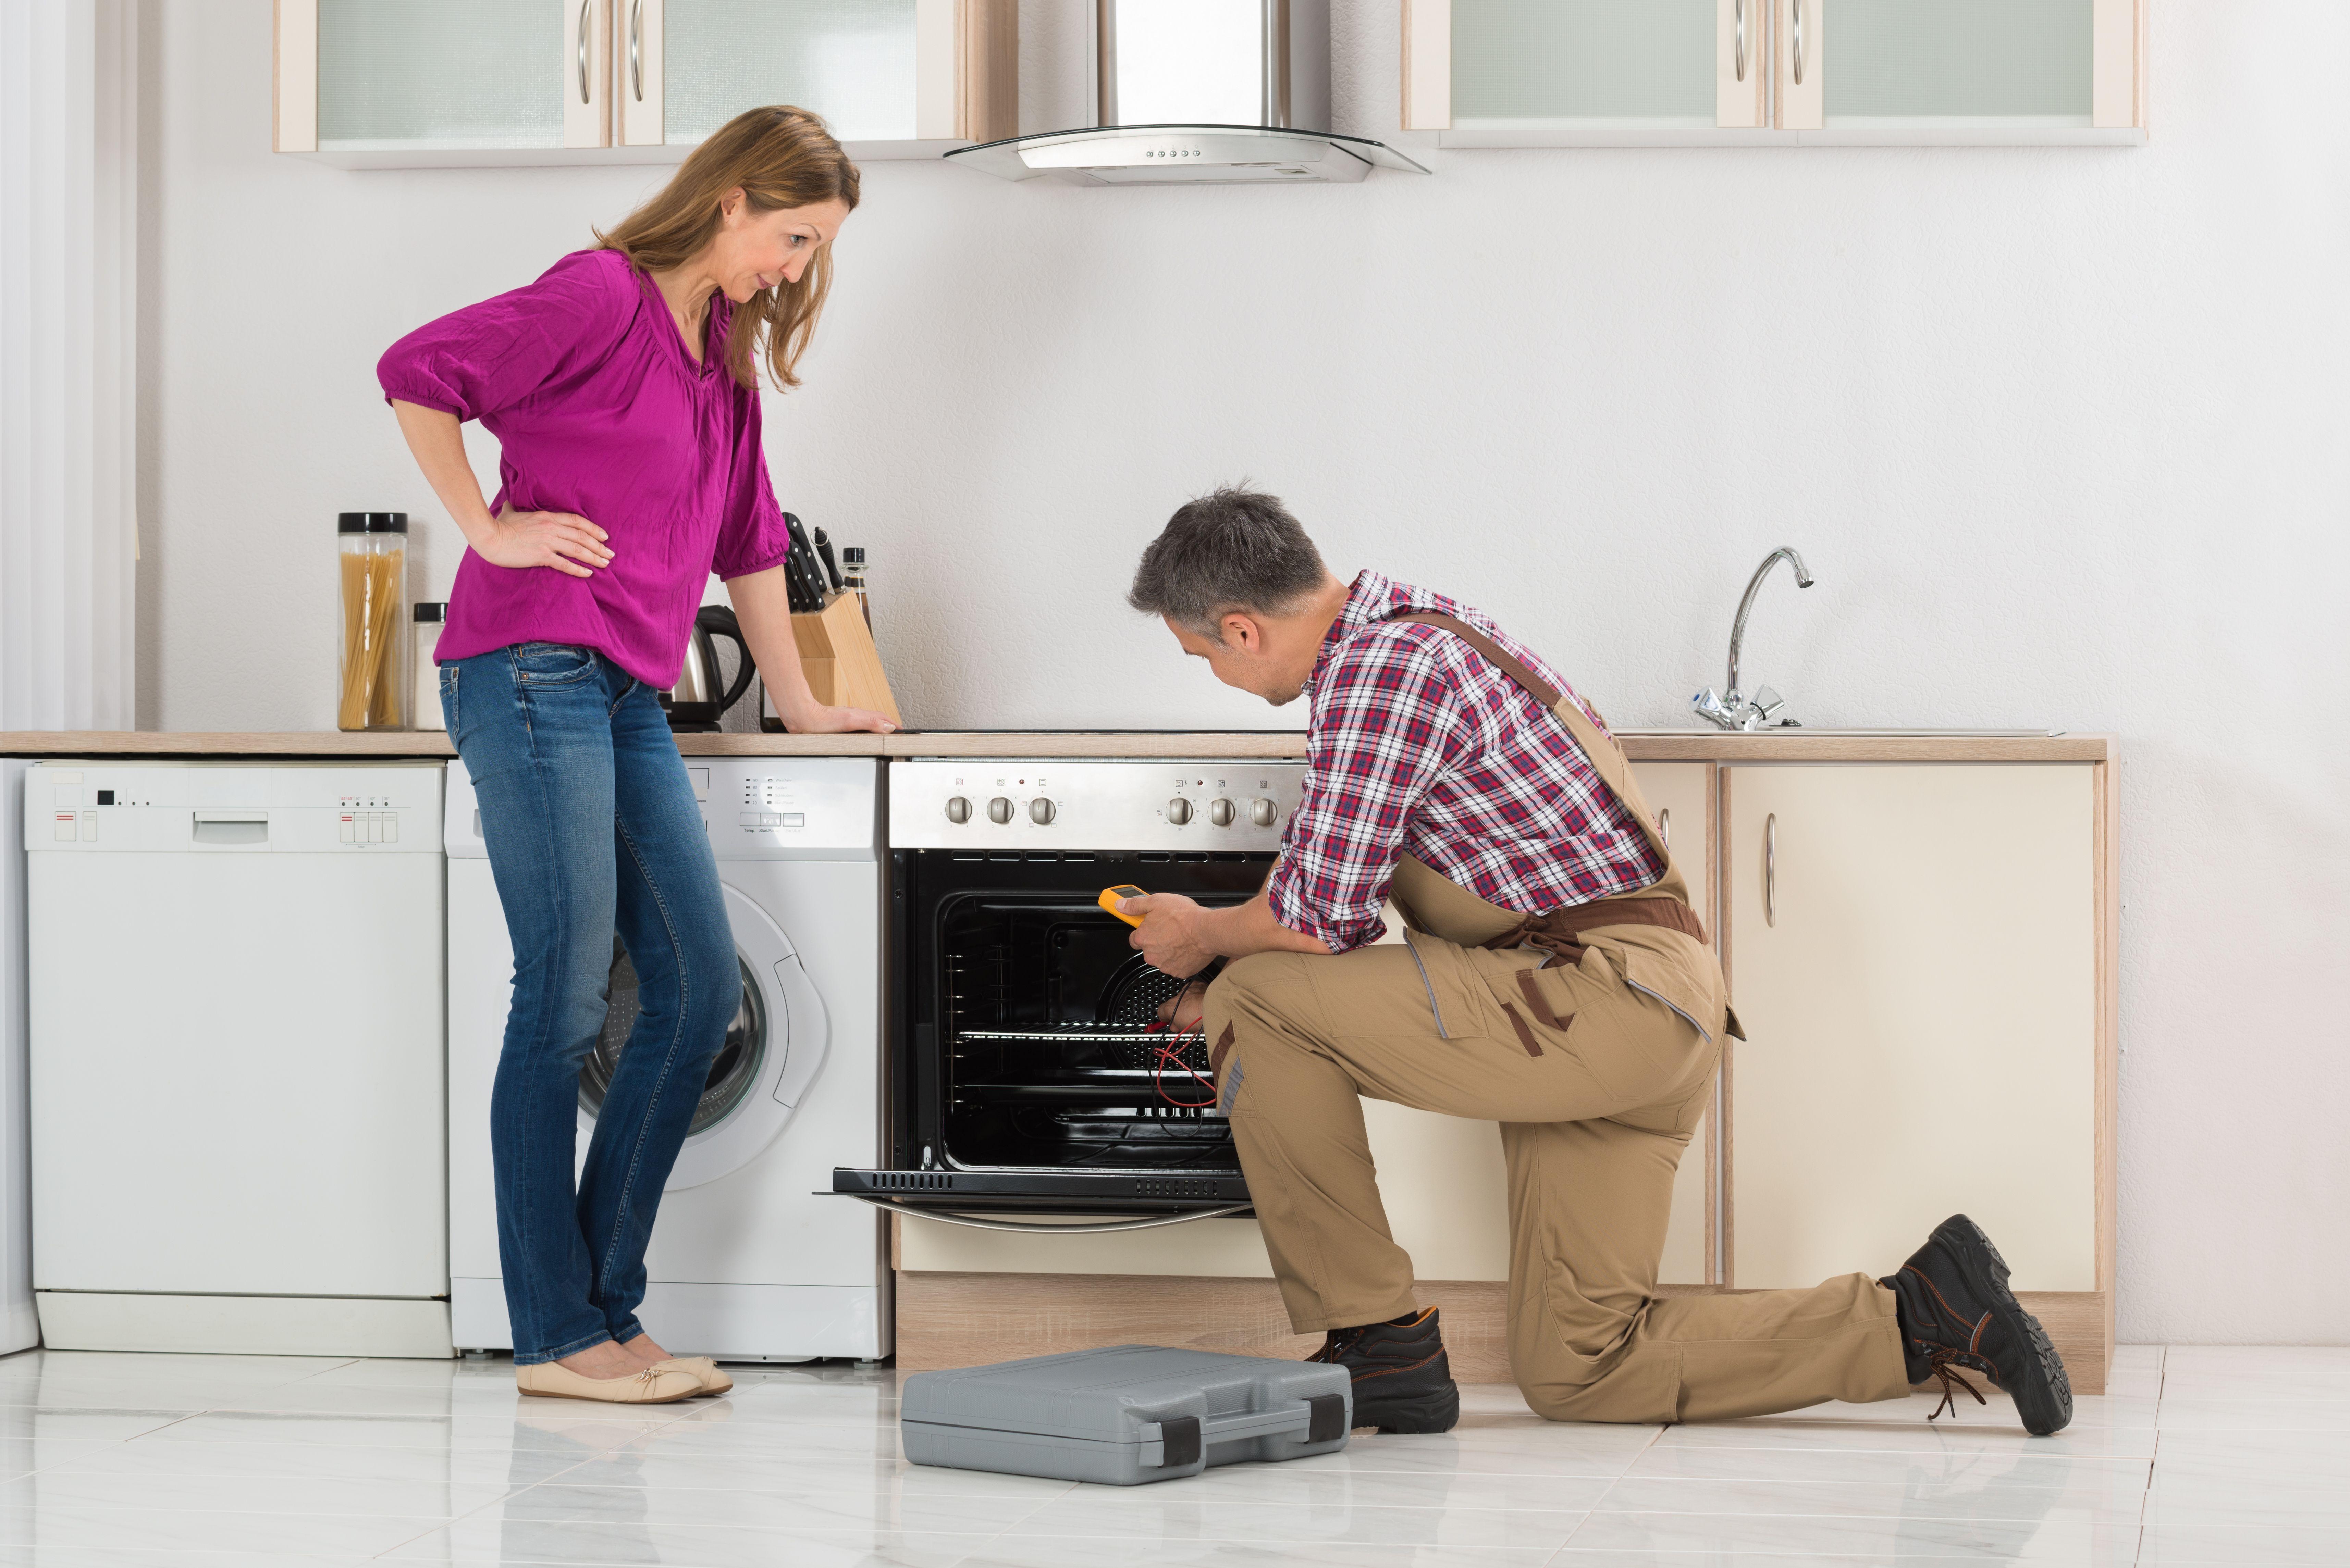 Reparación de hornos: Servicios de Servicio Oficial AEG, Electrolux, Zanussi --963 500 221--